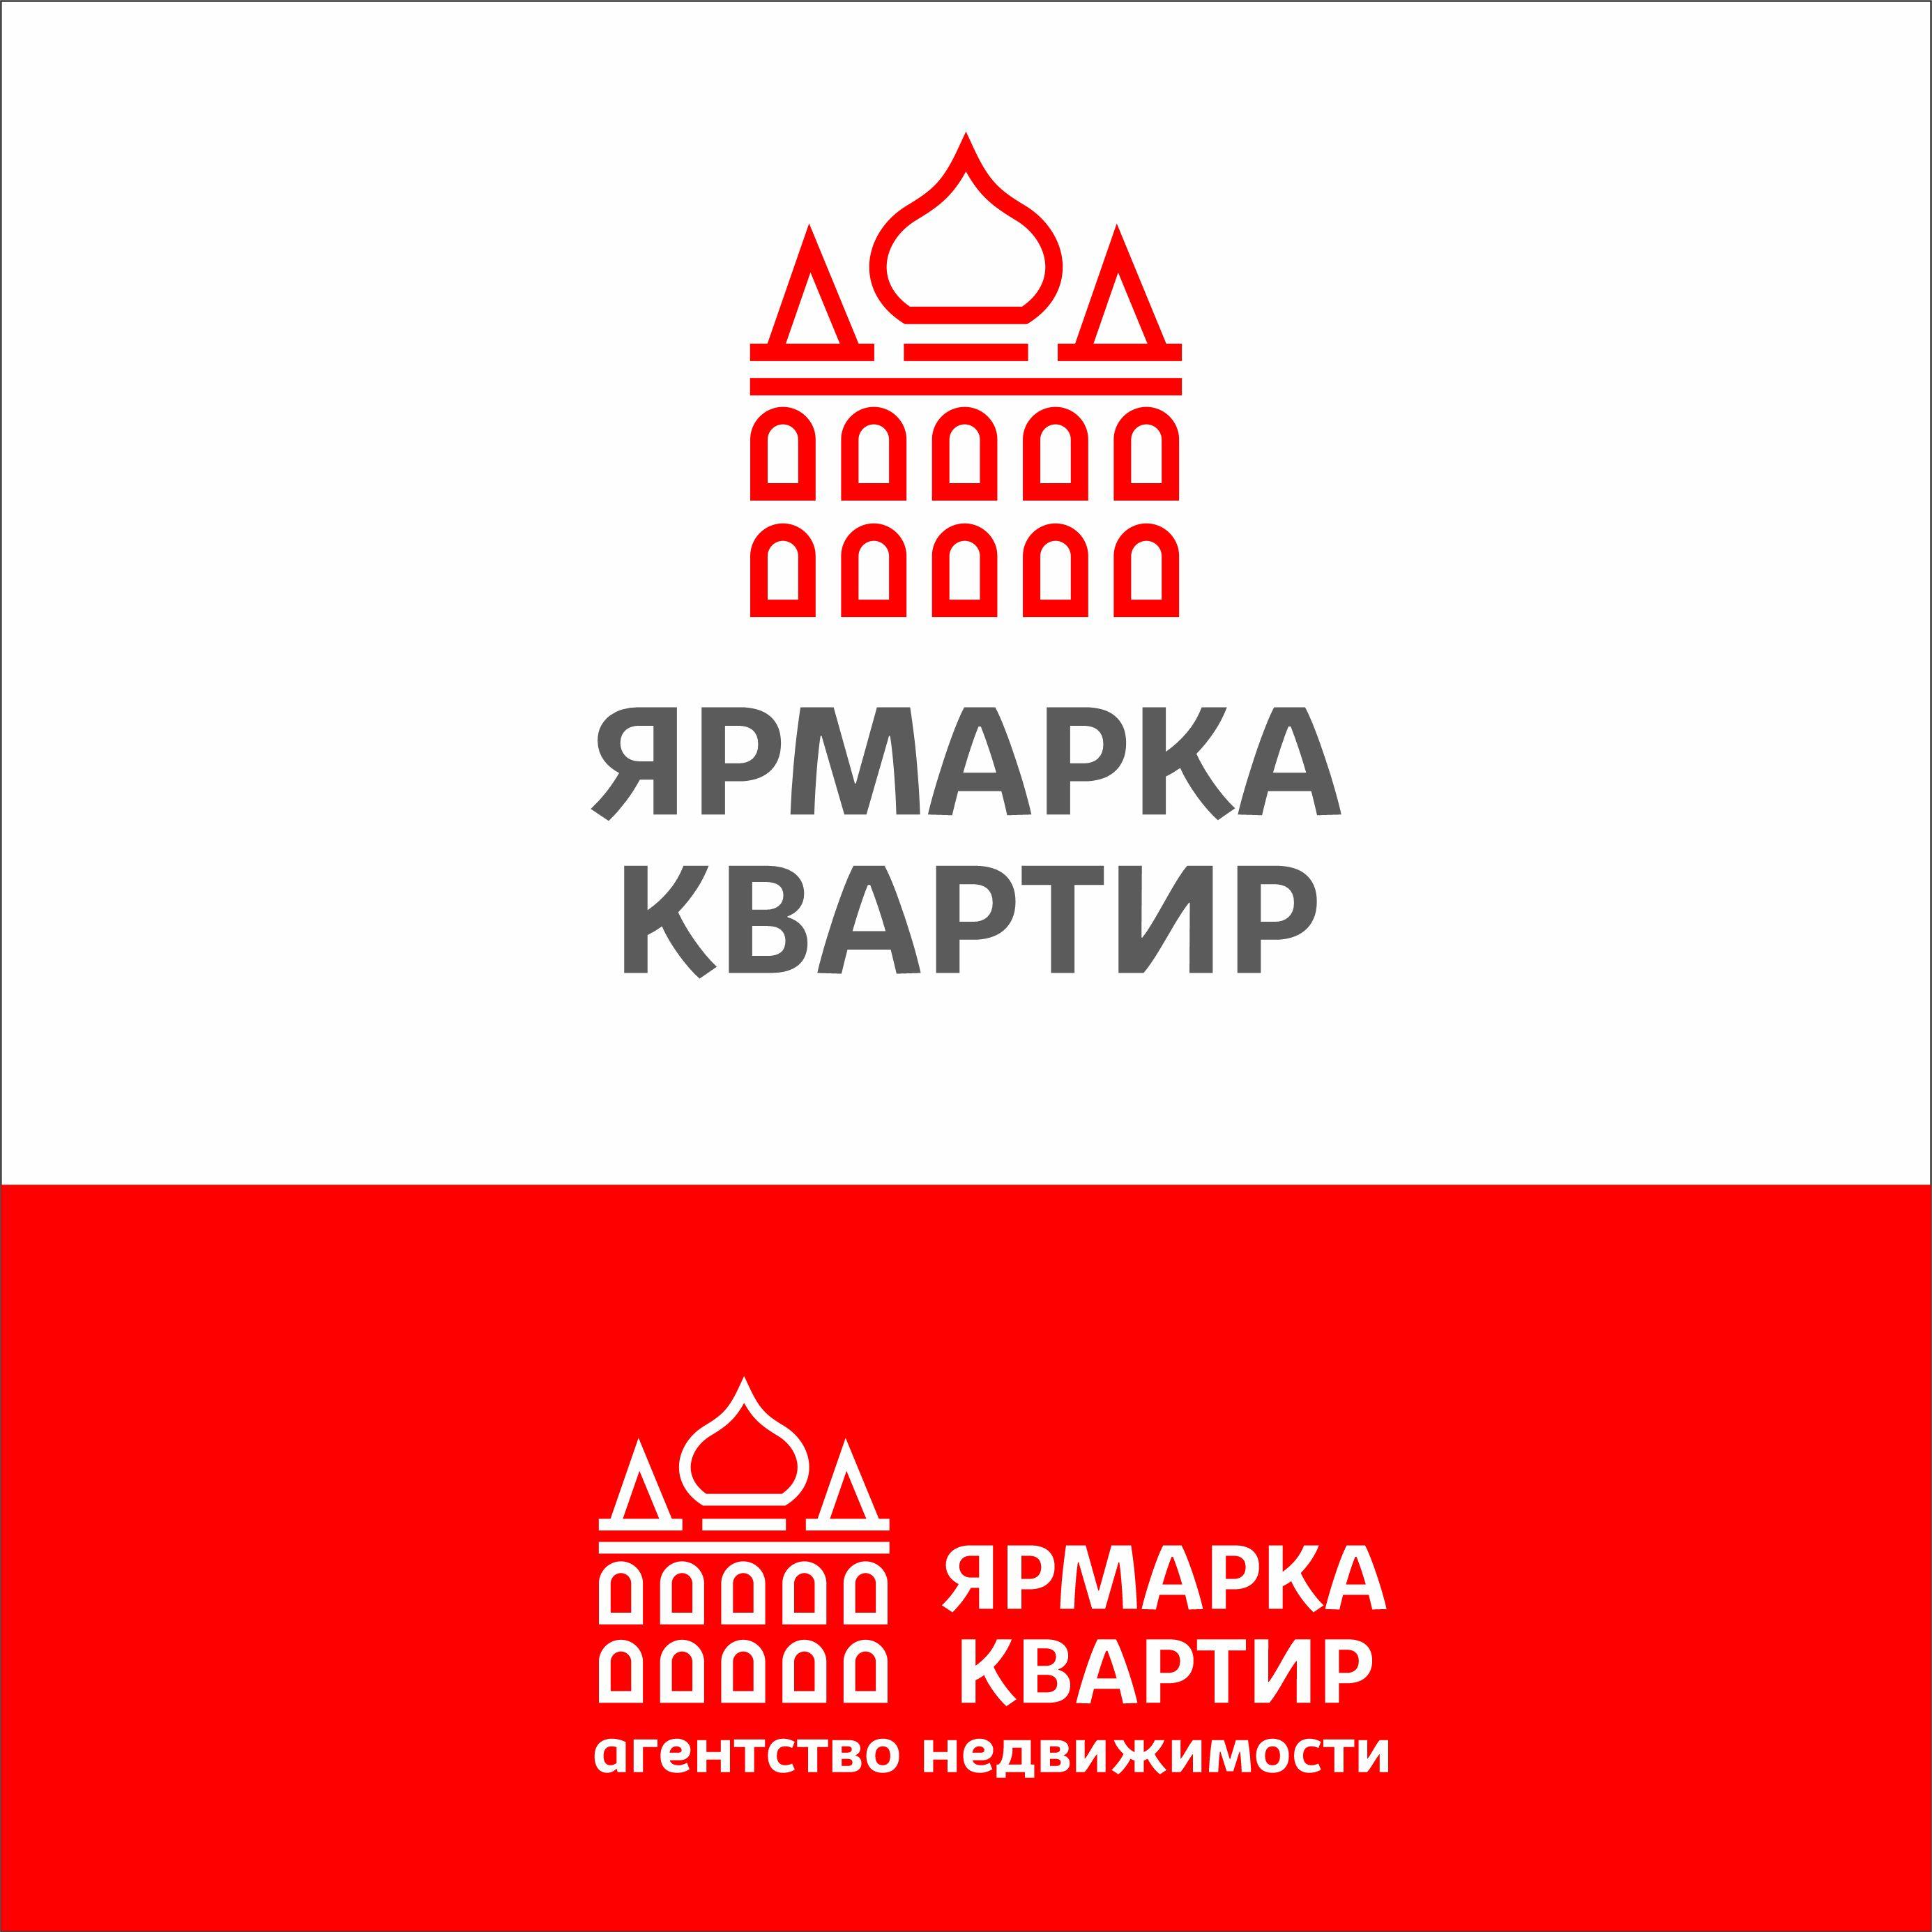 Создание логотипа, с вариантами для визитки и листовки фото f_65460043c4a83239.jpg